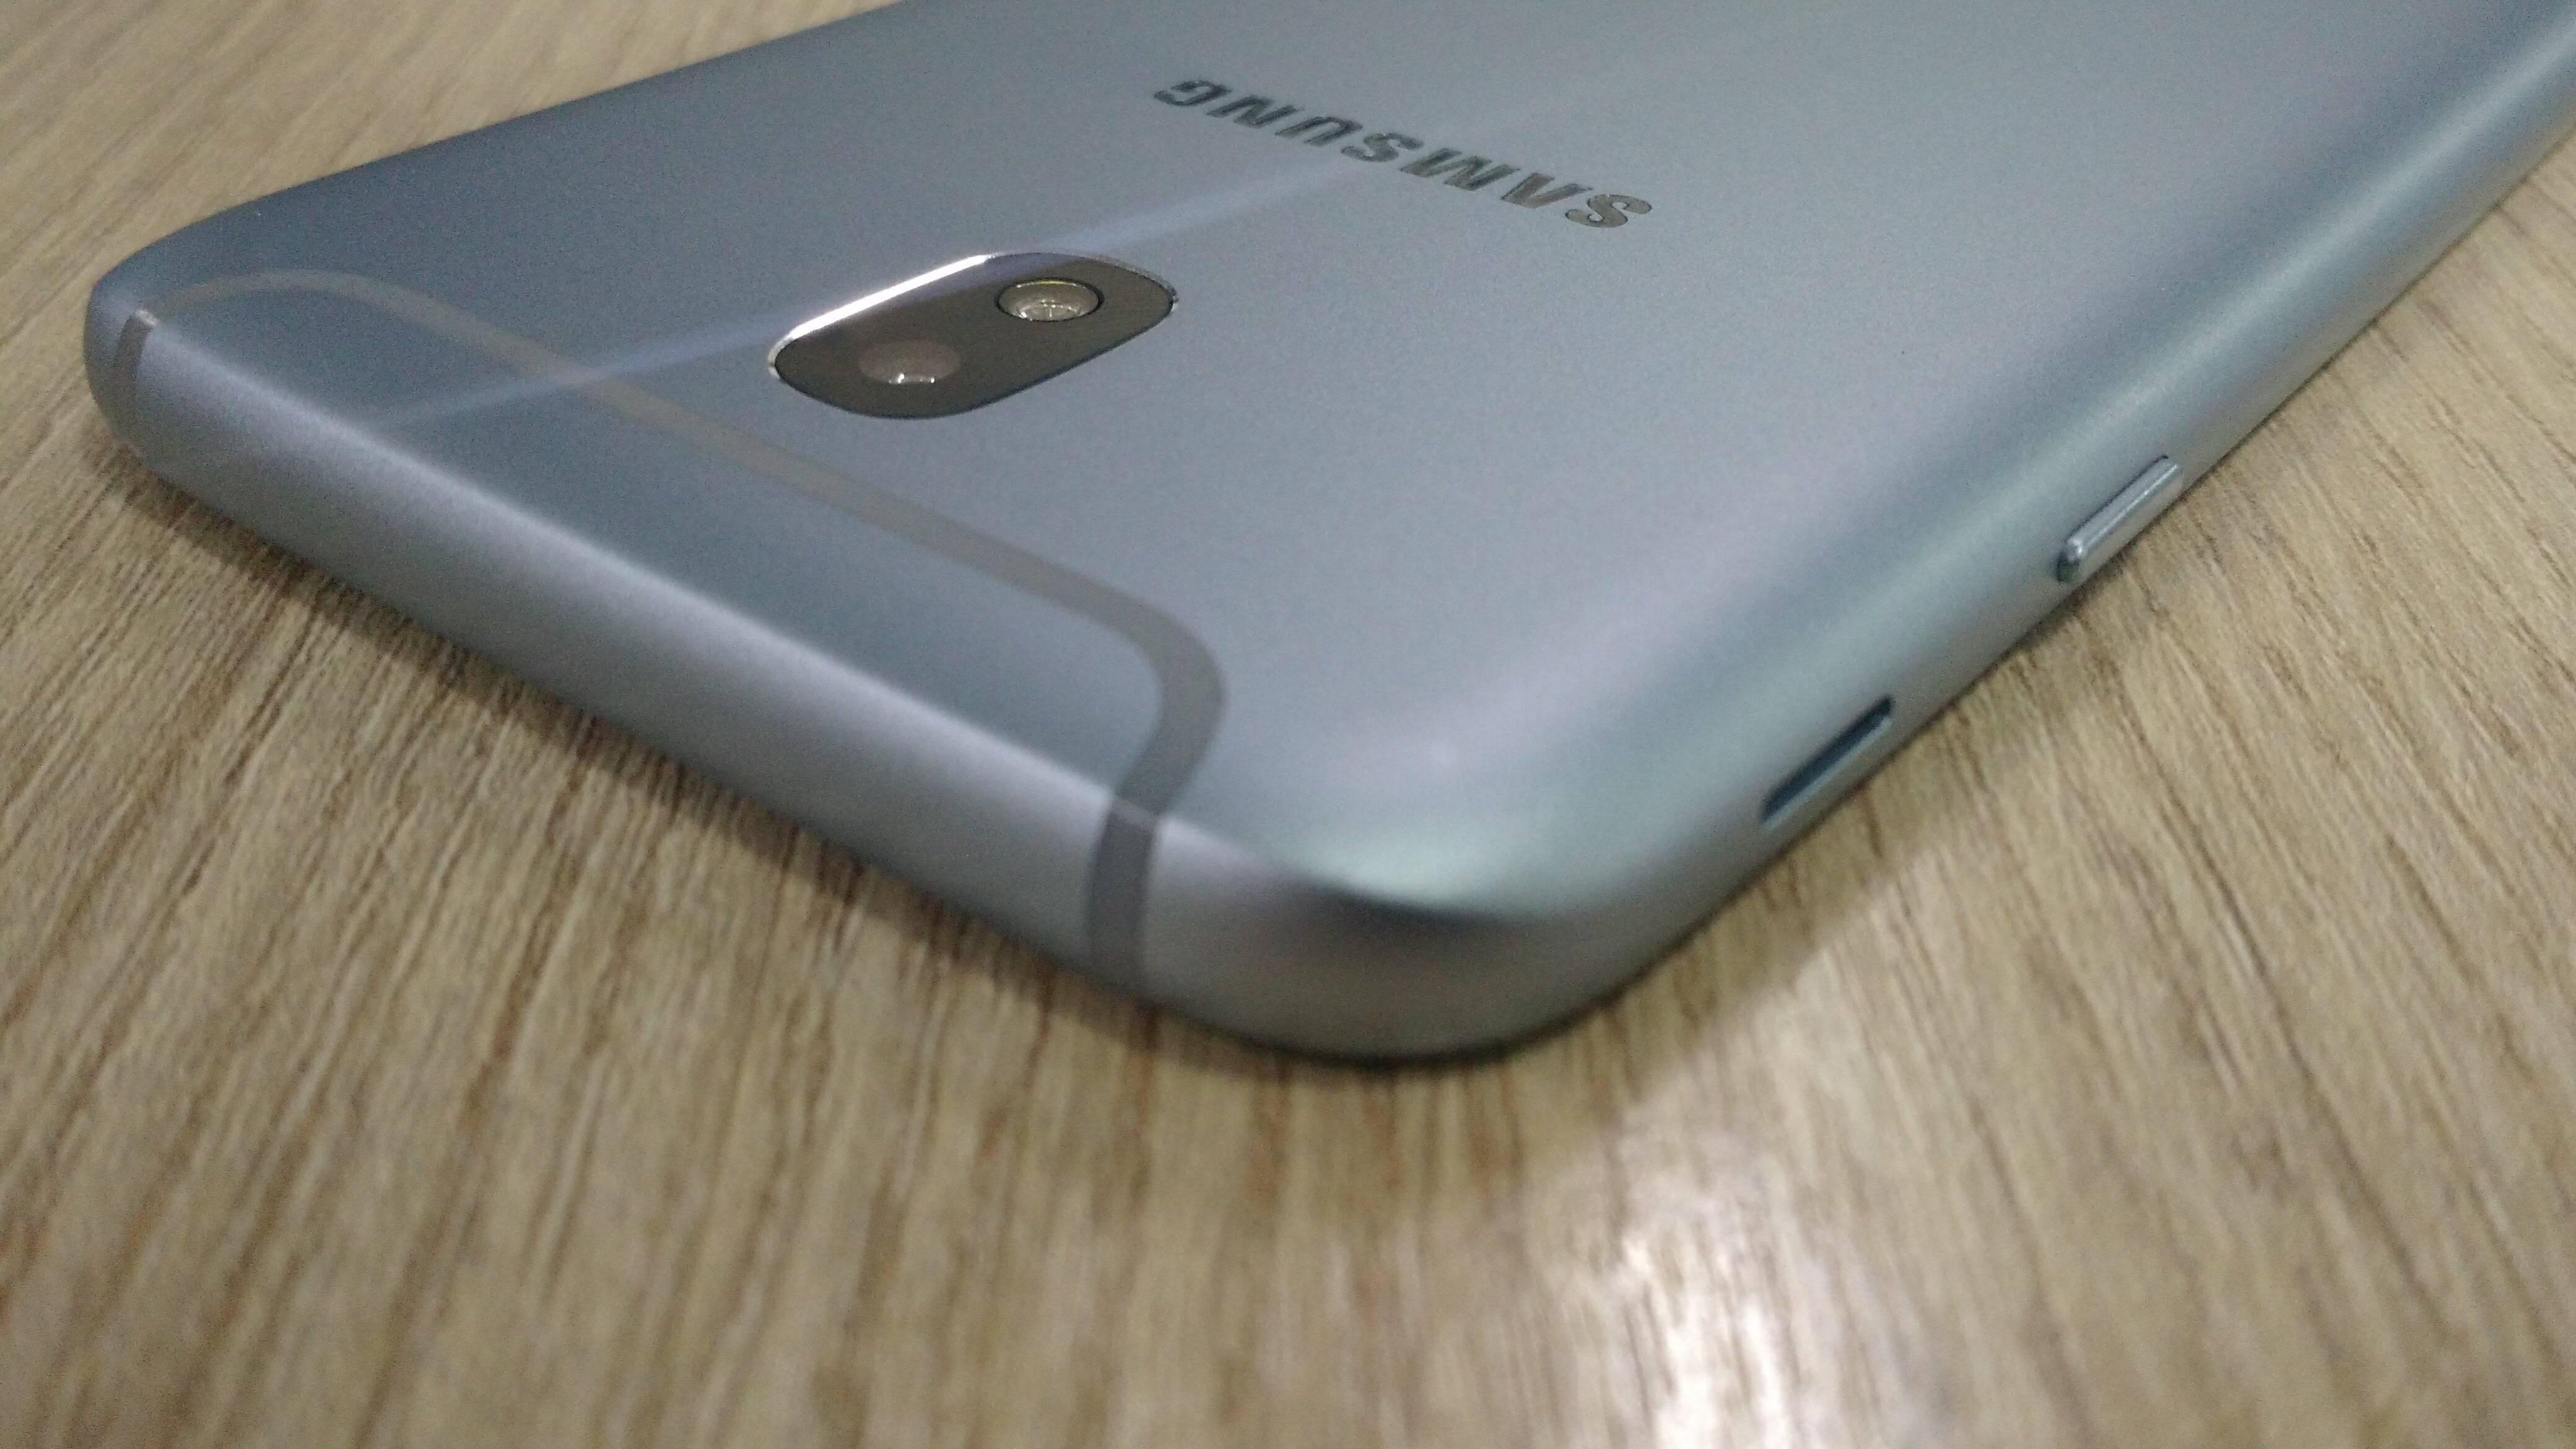 Detalhes na parte traseira dão mais elegância ao Galaxy J7 Pro . Foto: Victor Hugo Silva/Brasil Econômico